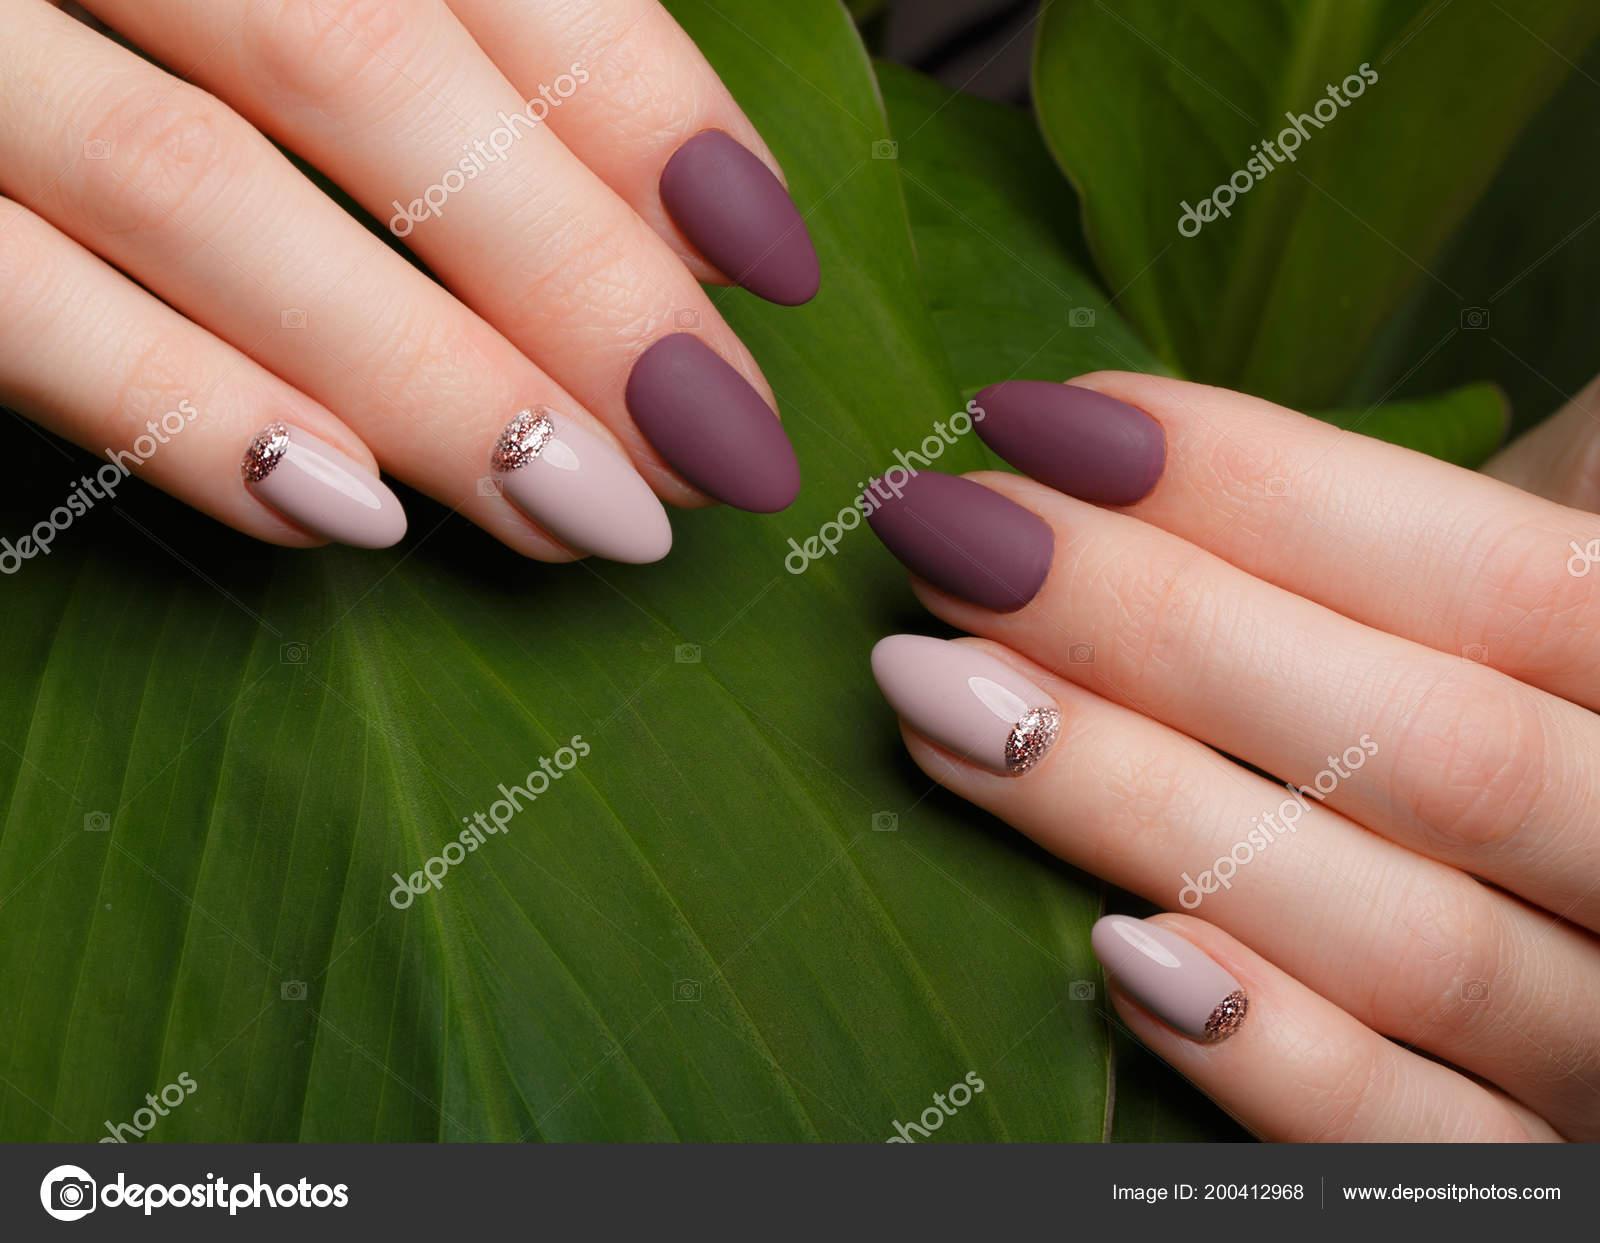 Oferta manicura limpio en mujer manos en fondo de hojas verdes ...